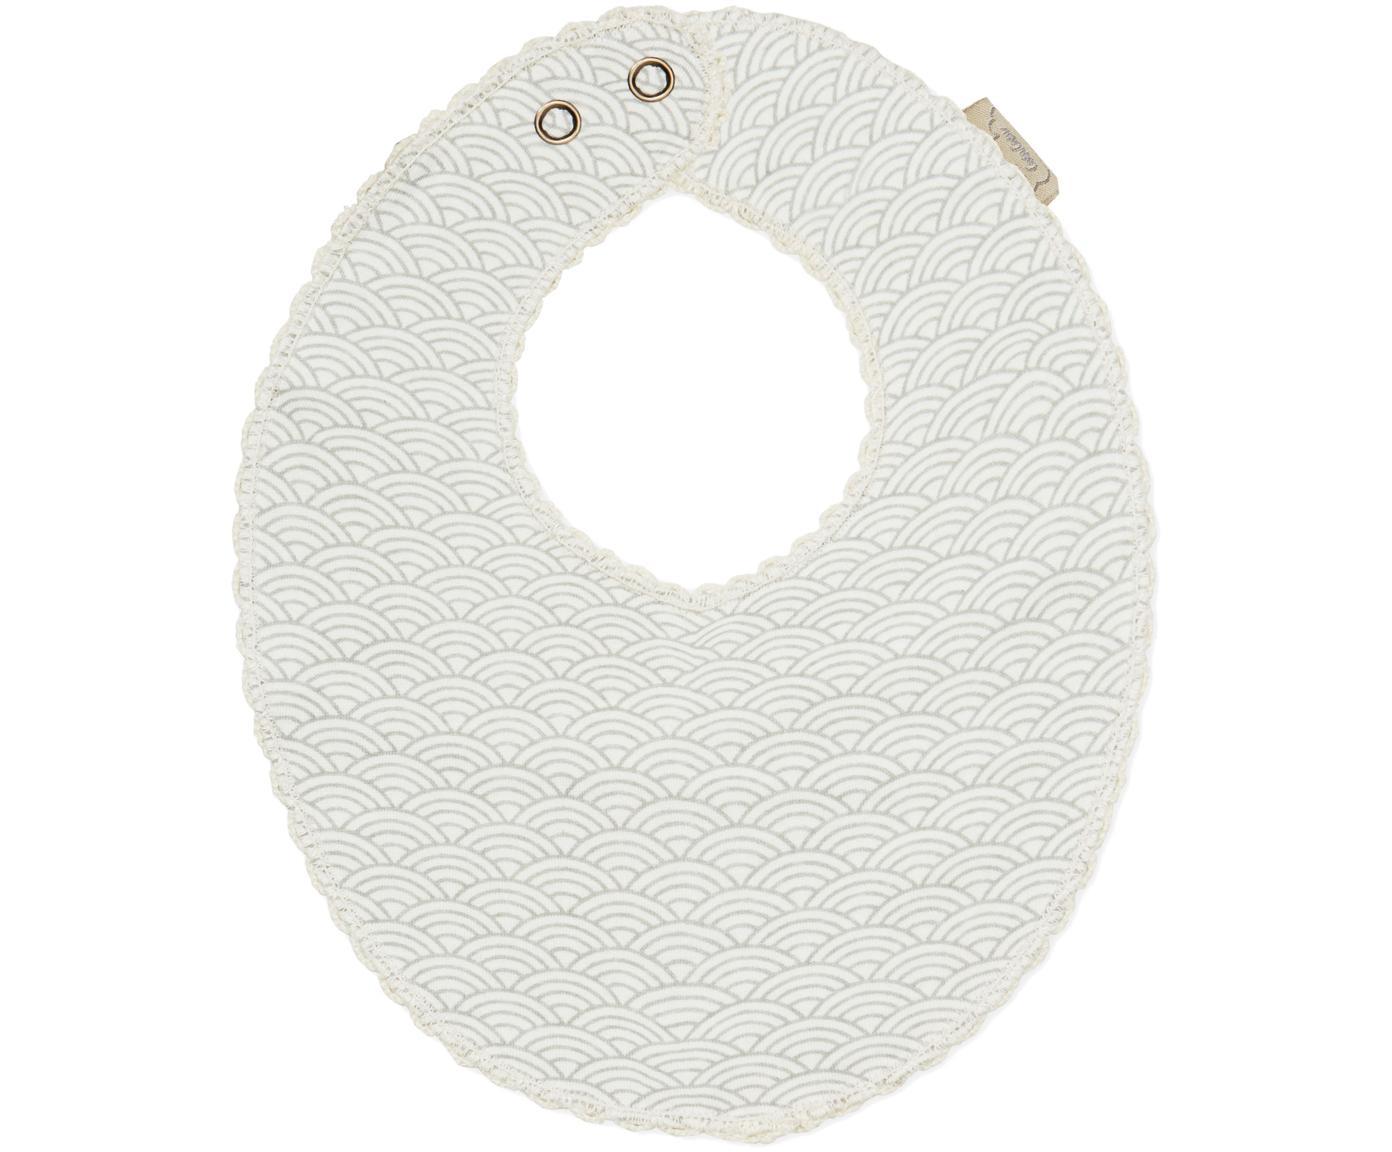 Lätzchen Protect, Bio-Baumwolle, GOTS-zertifiziert, Grau, Weiss, 20 x 23 cm